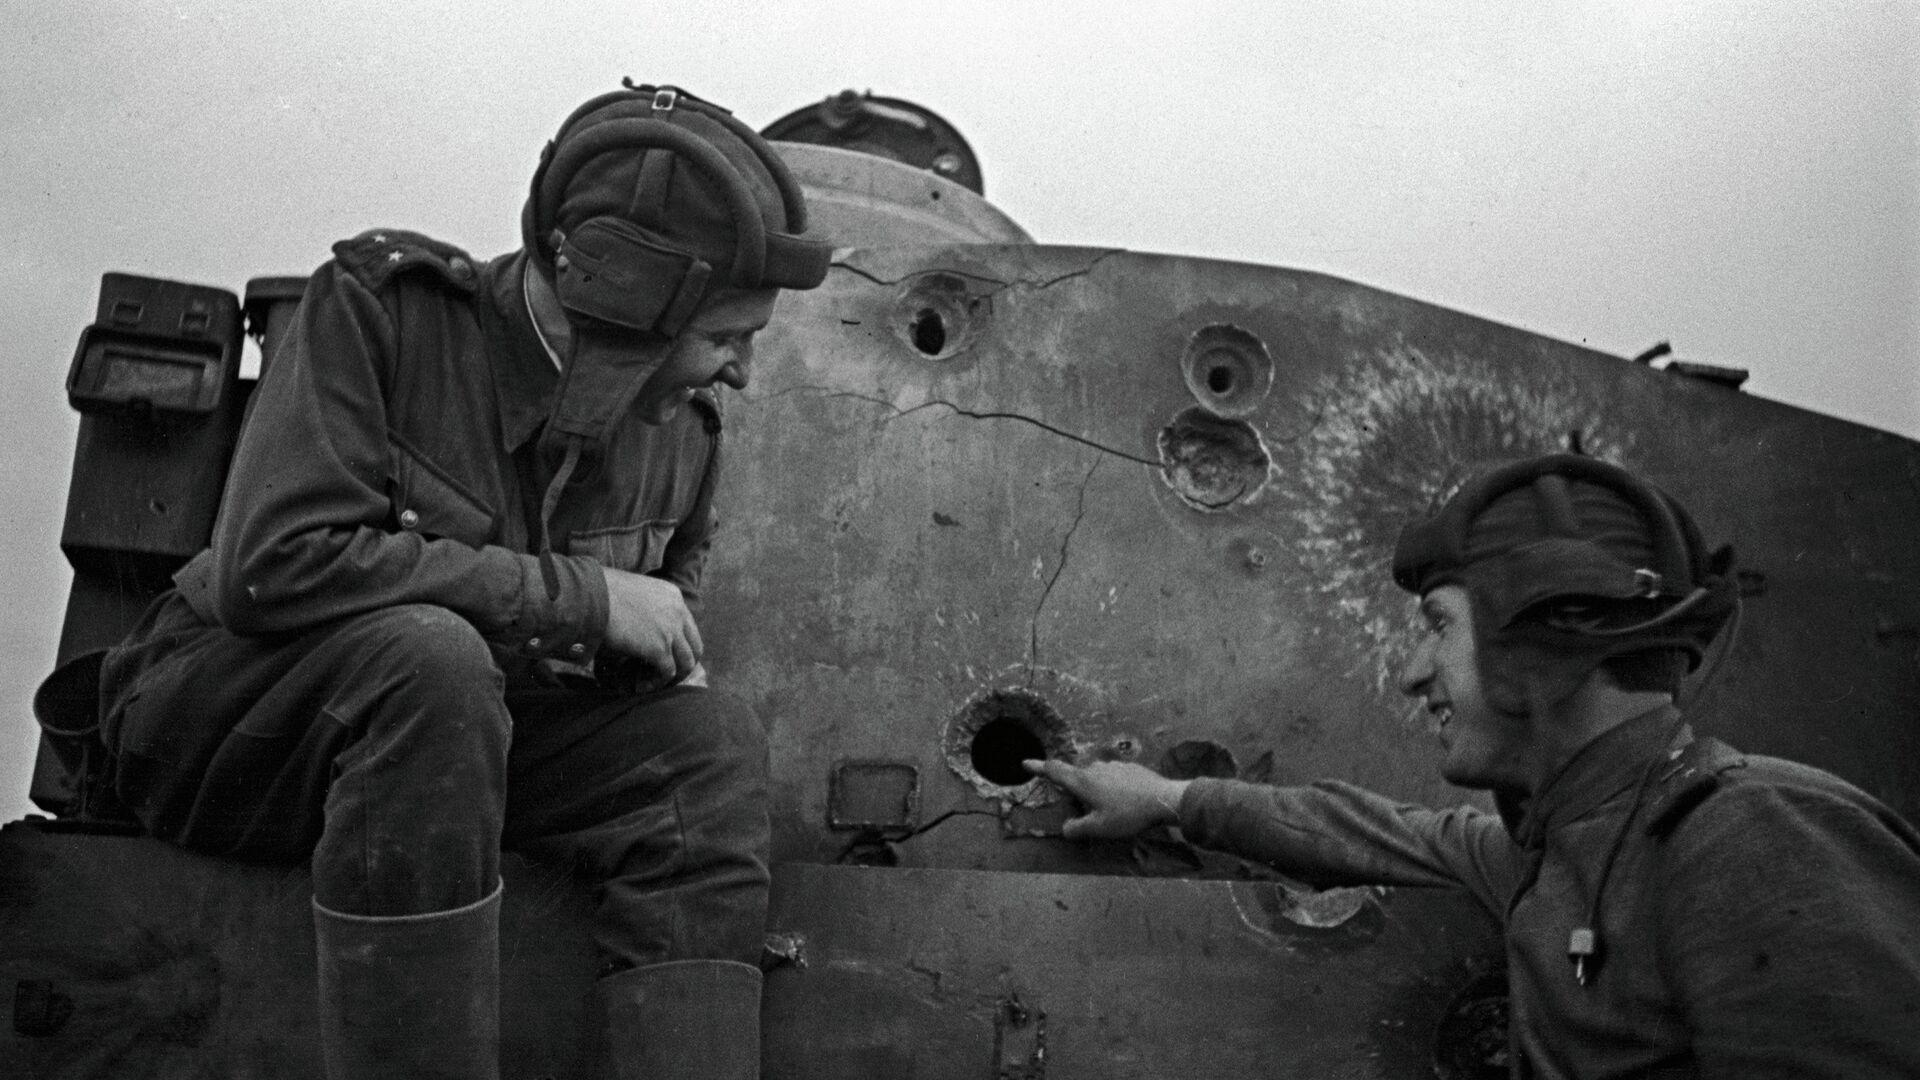 У подбитого фашистского танка - РИА Новости, 1920, 12.07.2018